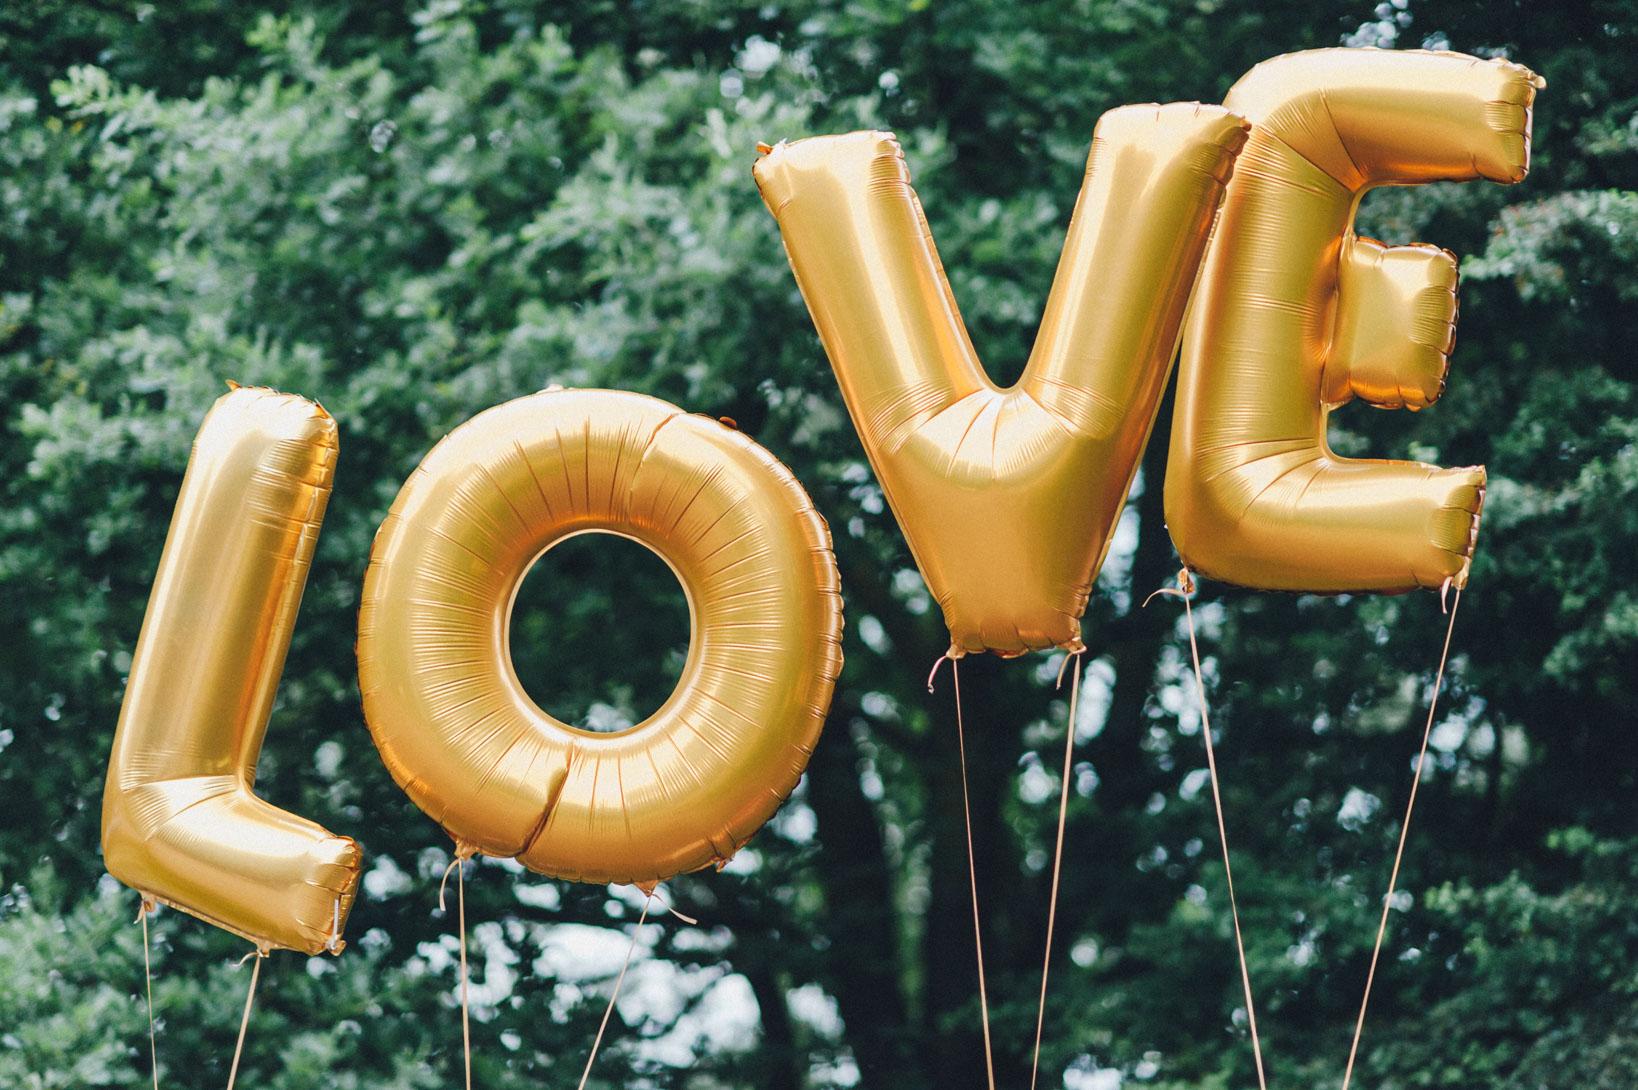 DIY-Hochzeit-gold-VW-Bully-111 Janet & Pierre DIY Midsummer-Wedding in Gold mit VW BulliDIY Hochzeit gold VW Bully 111